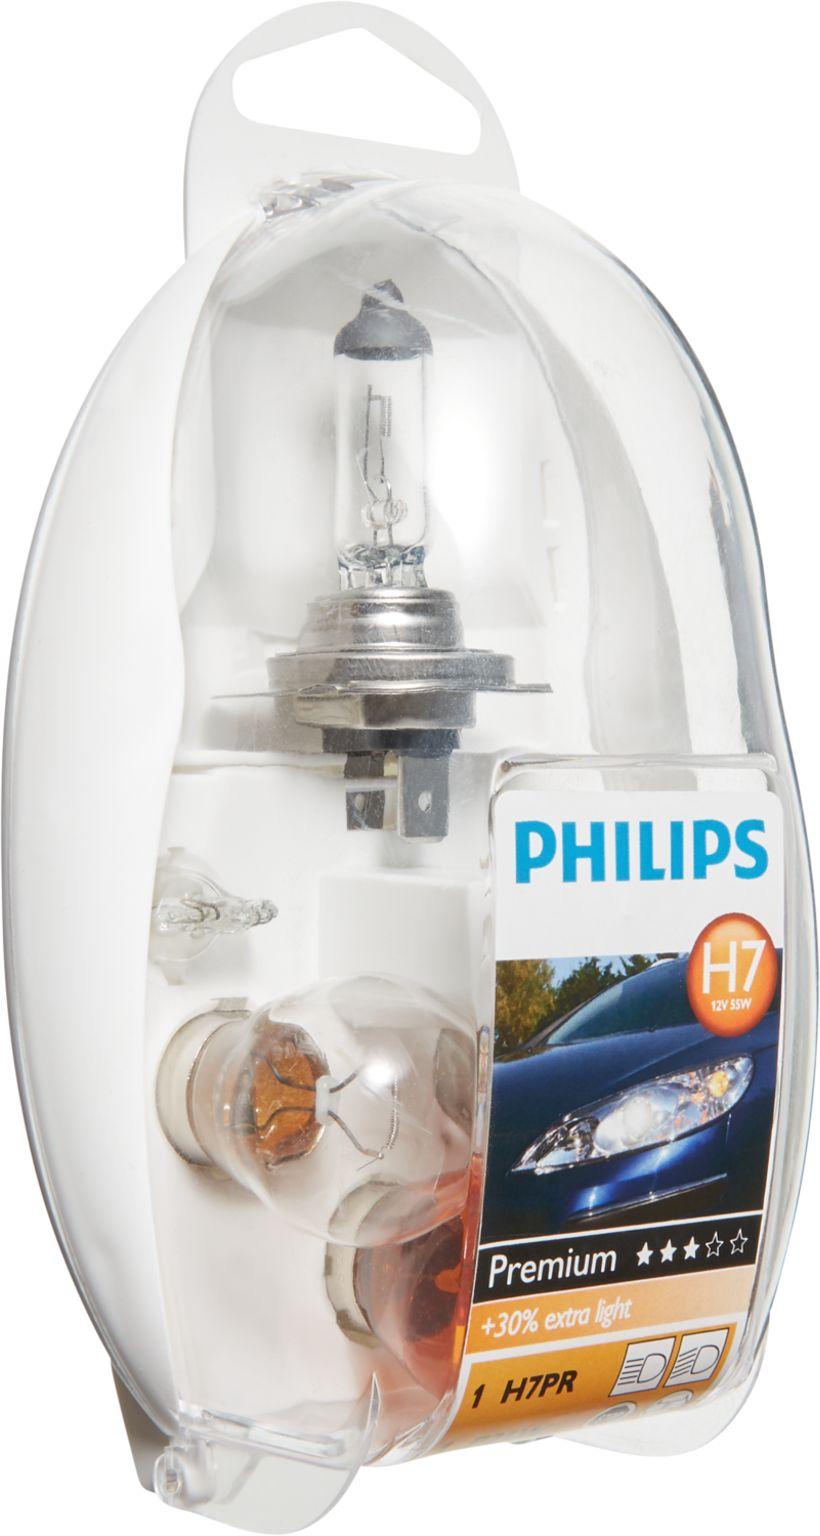 Philips Easy KIT 55474EKKM H7 PX26d 12V 55W